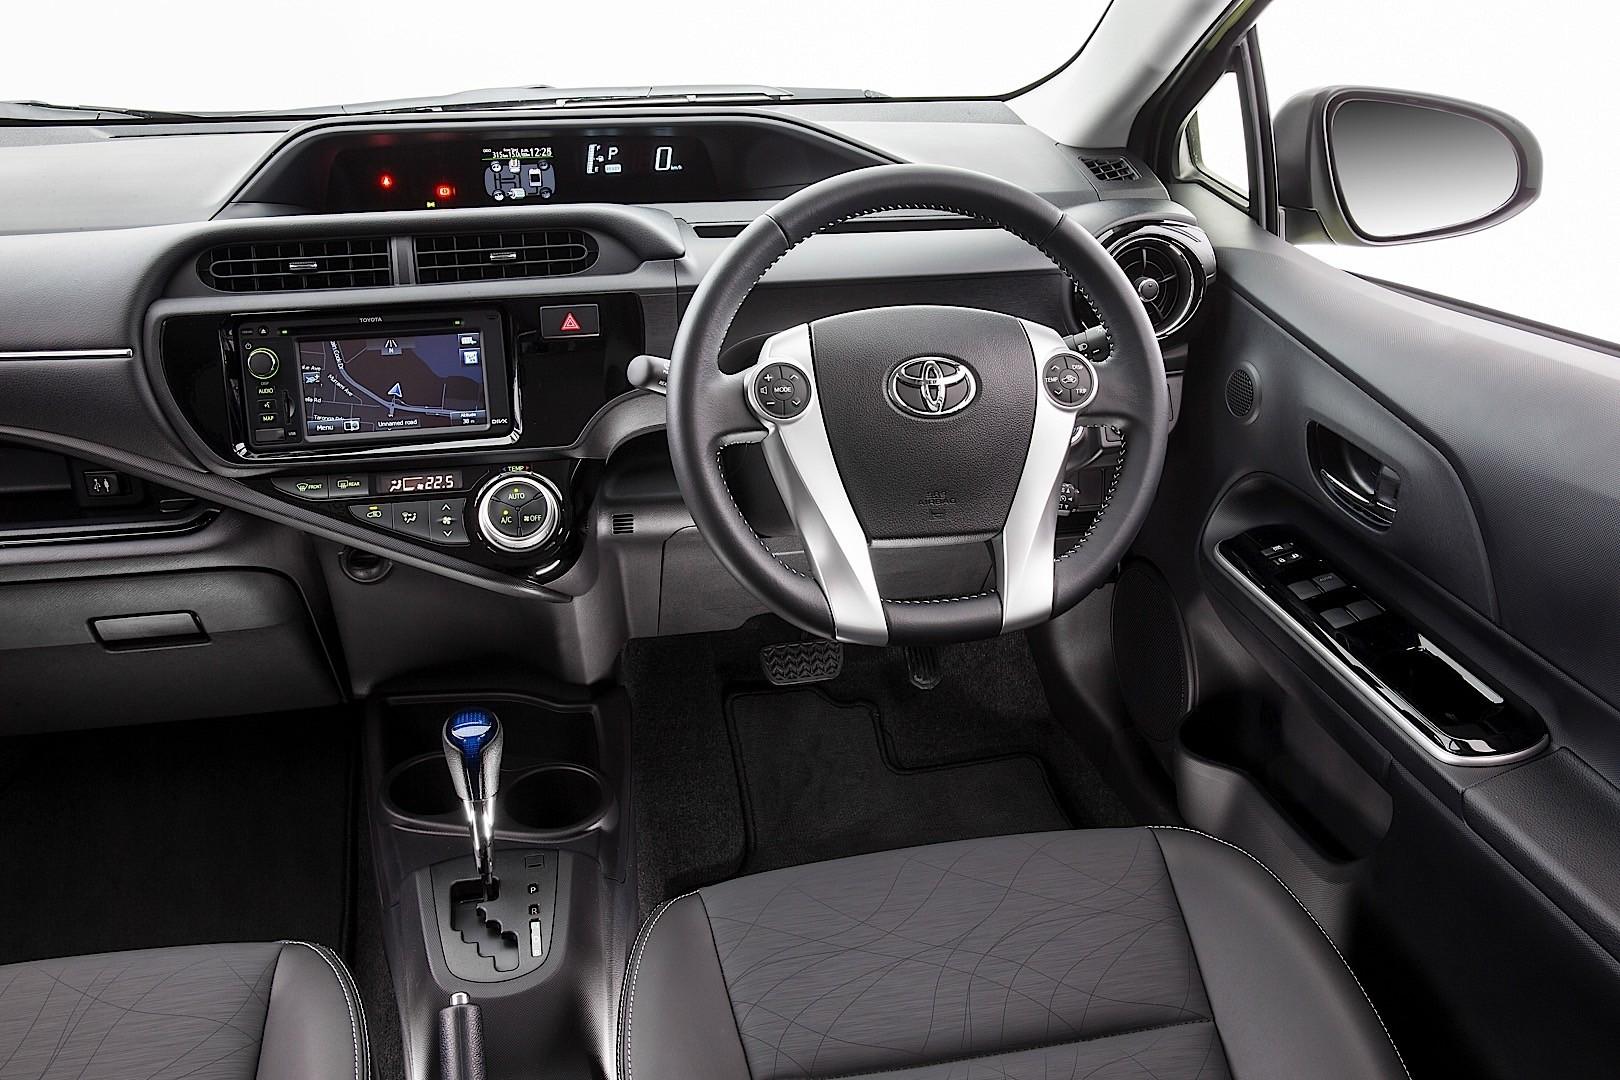 2015 Toyota Prius C (Aqua) - Partsopen